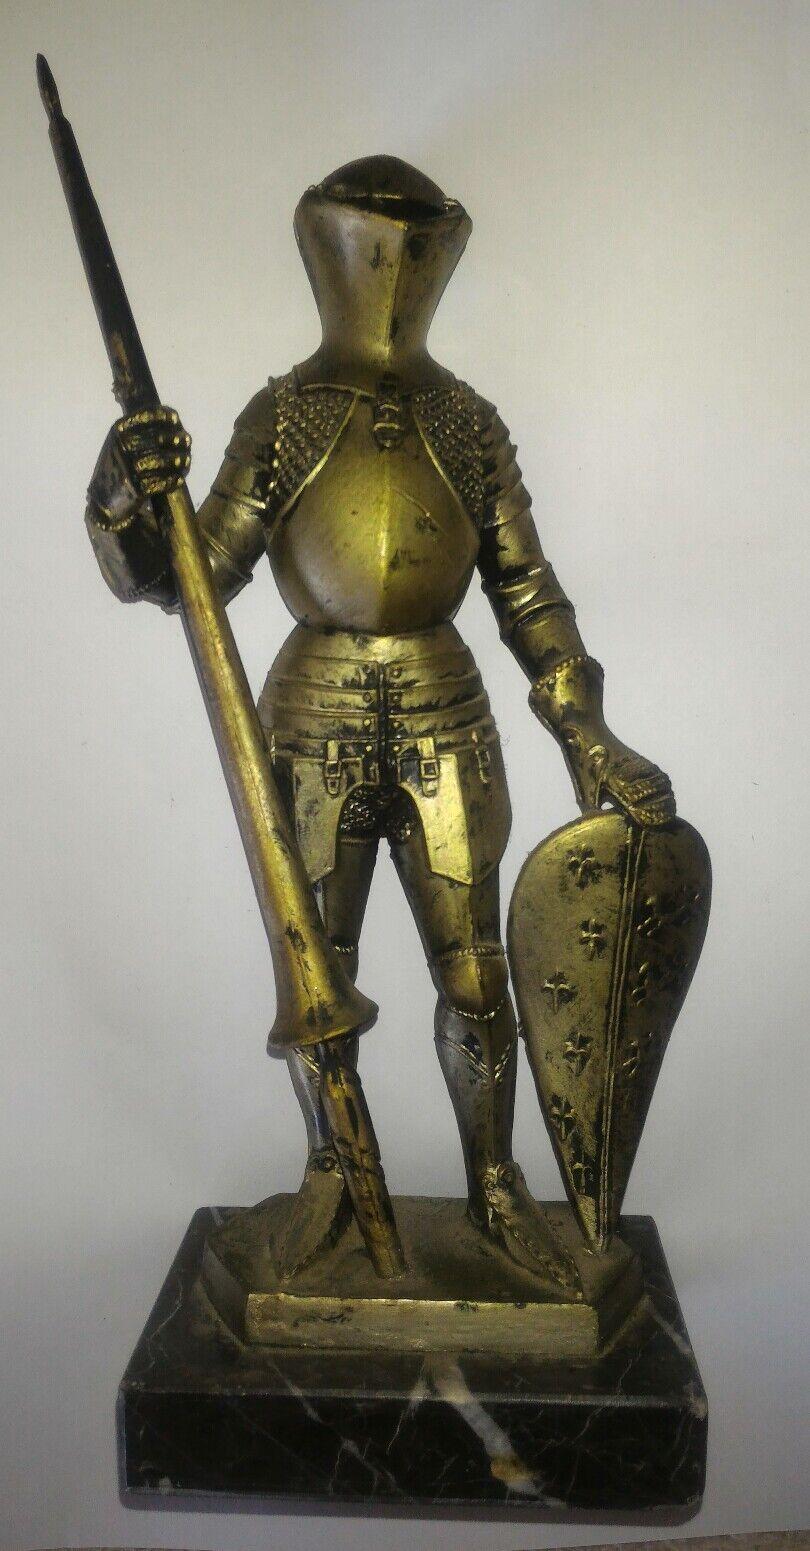 Junge ITALY Soldaten in Kunststoff mittelalterliche abgesetzt MADE IN ITALY Junge cm 21 0854b2